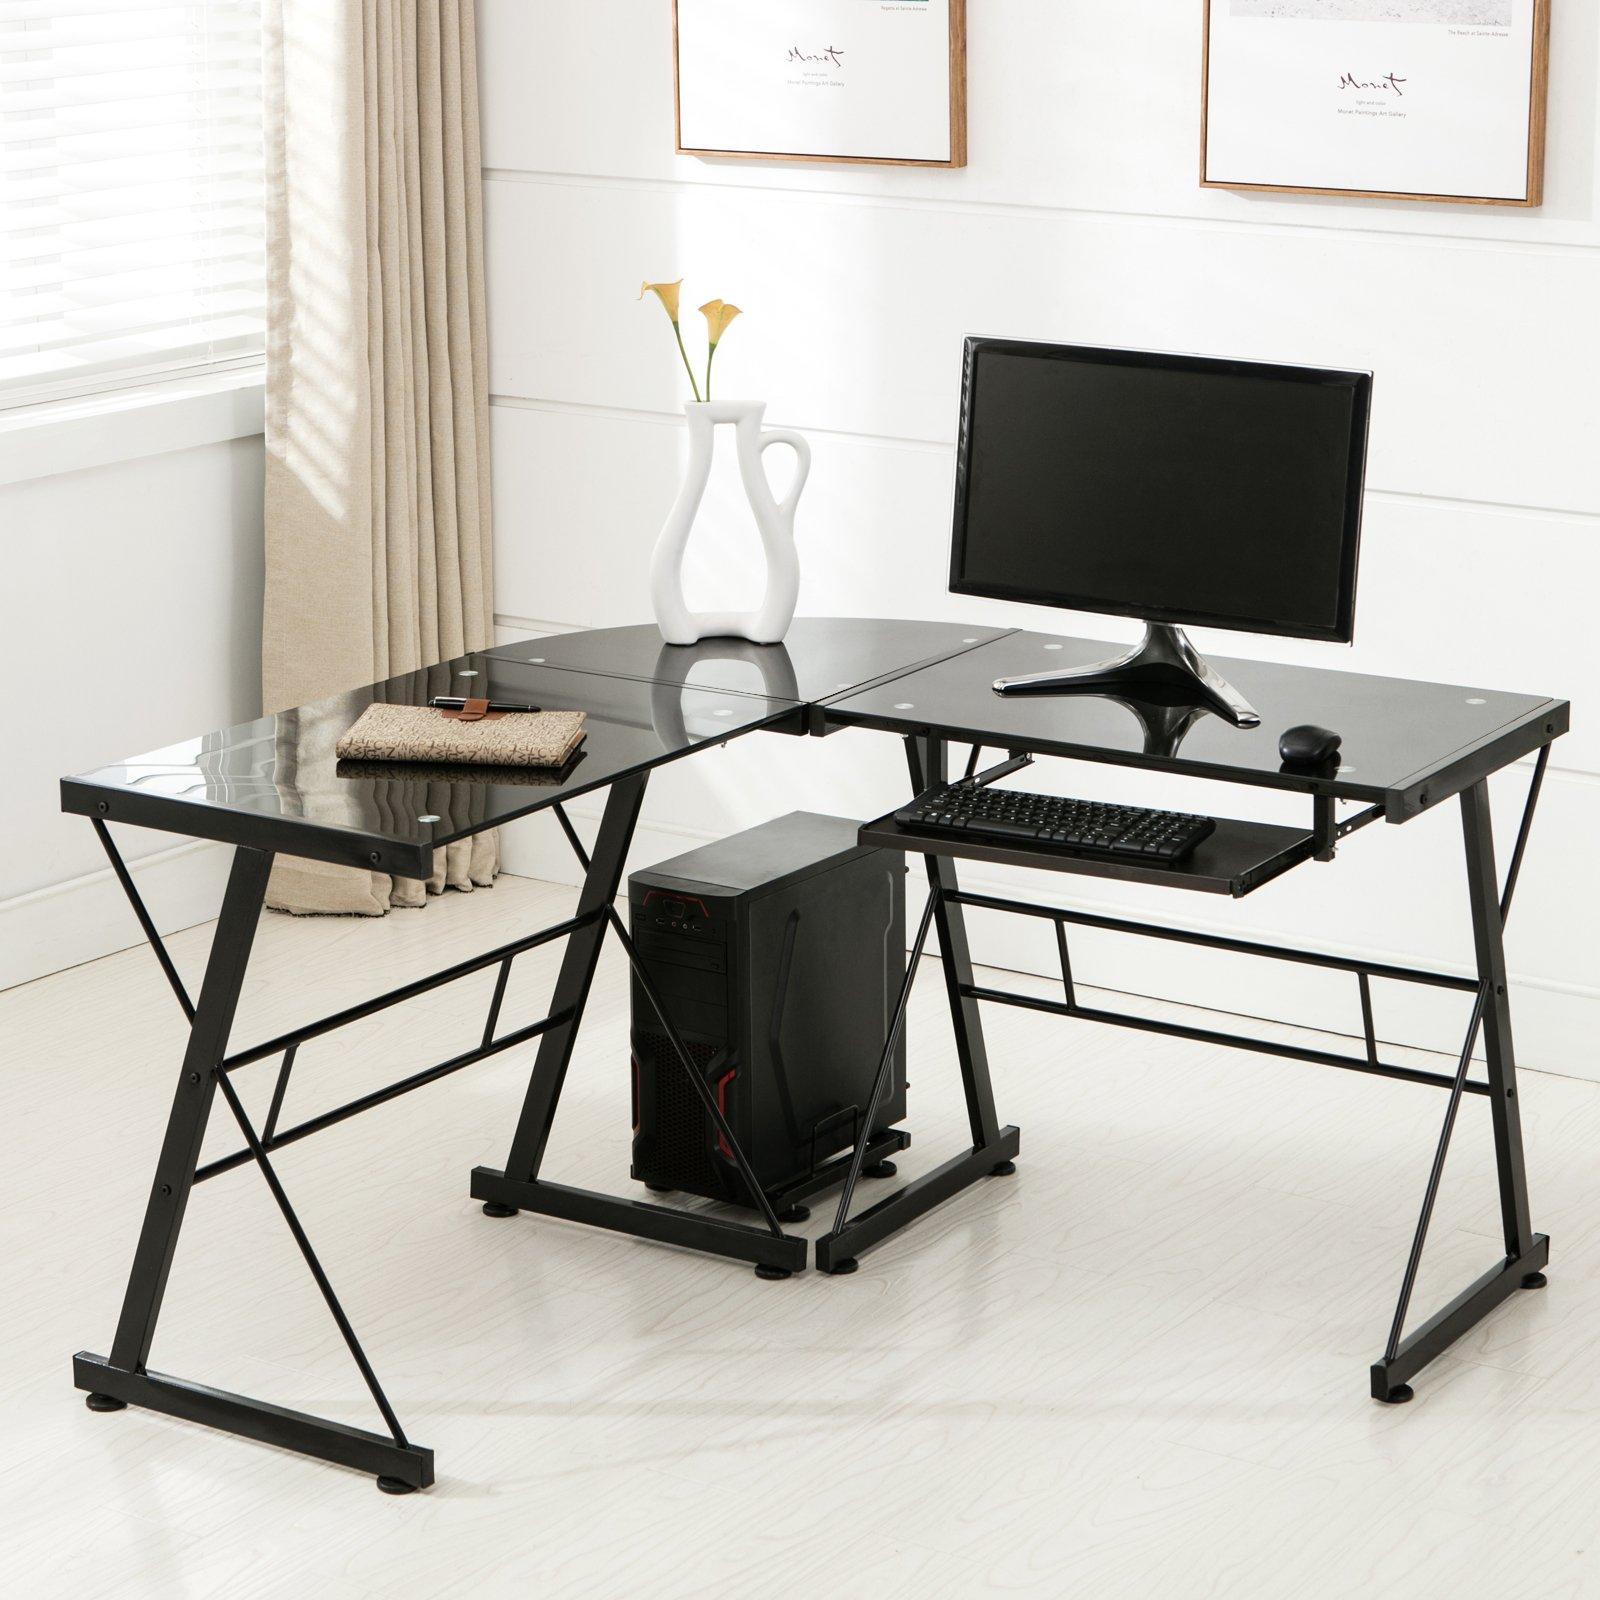 Mecor L Shape Corner Computer Desk-Tempered Glass Laptop PC Table Workstation Home Office Furniture, Black